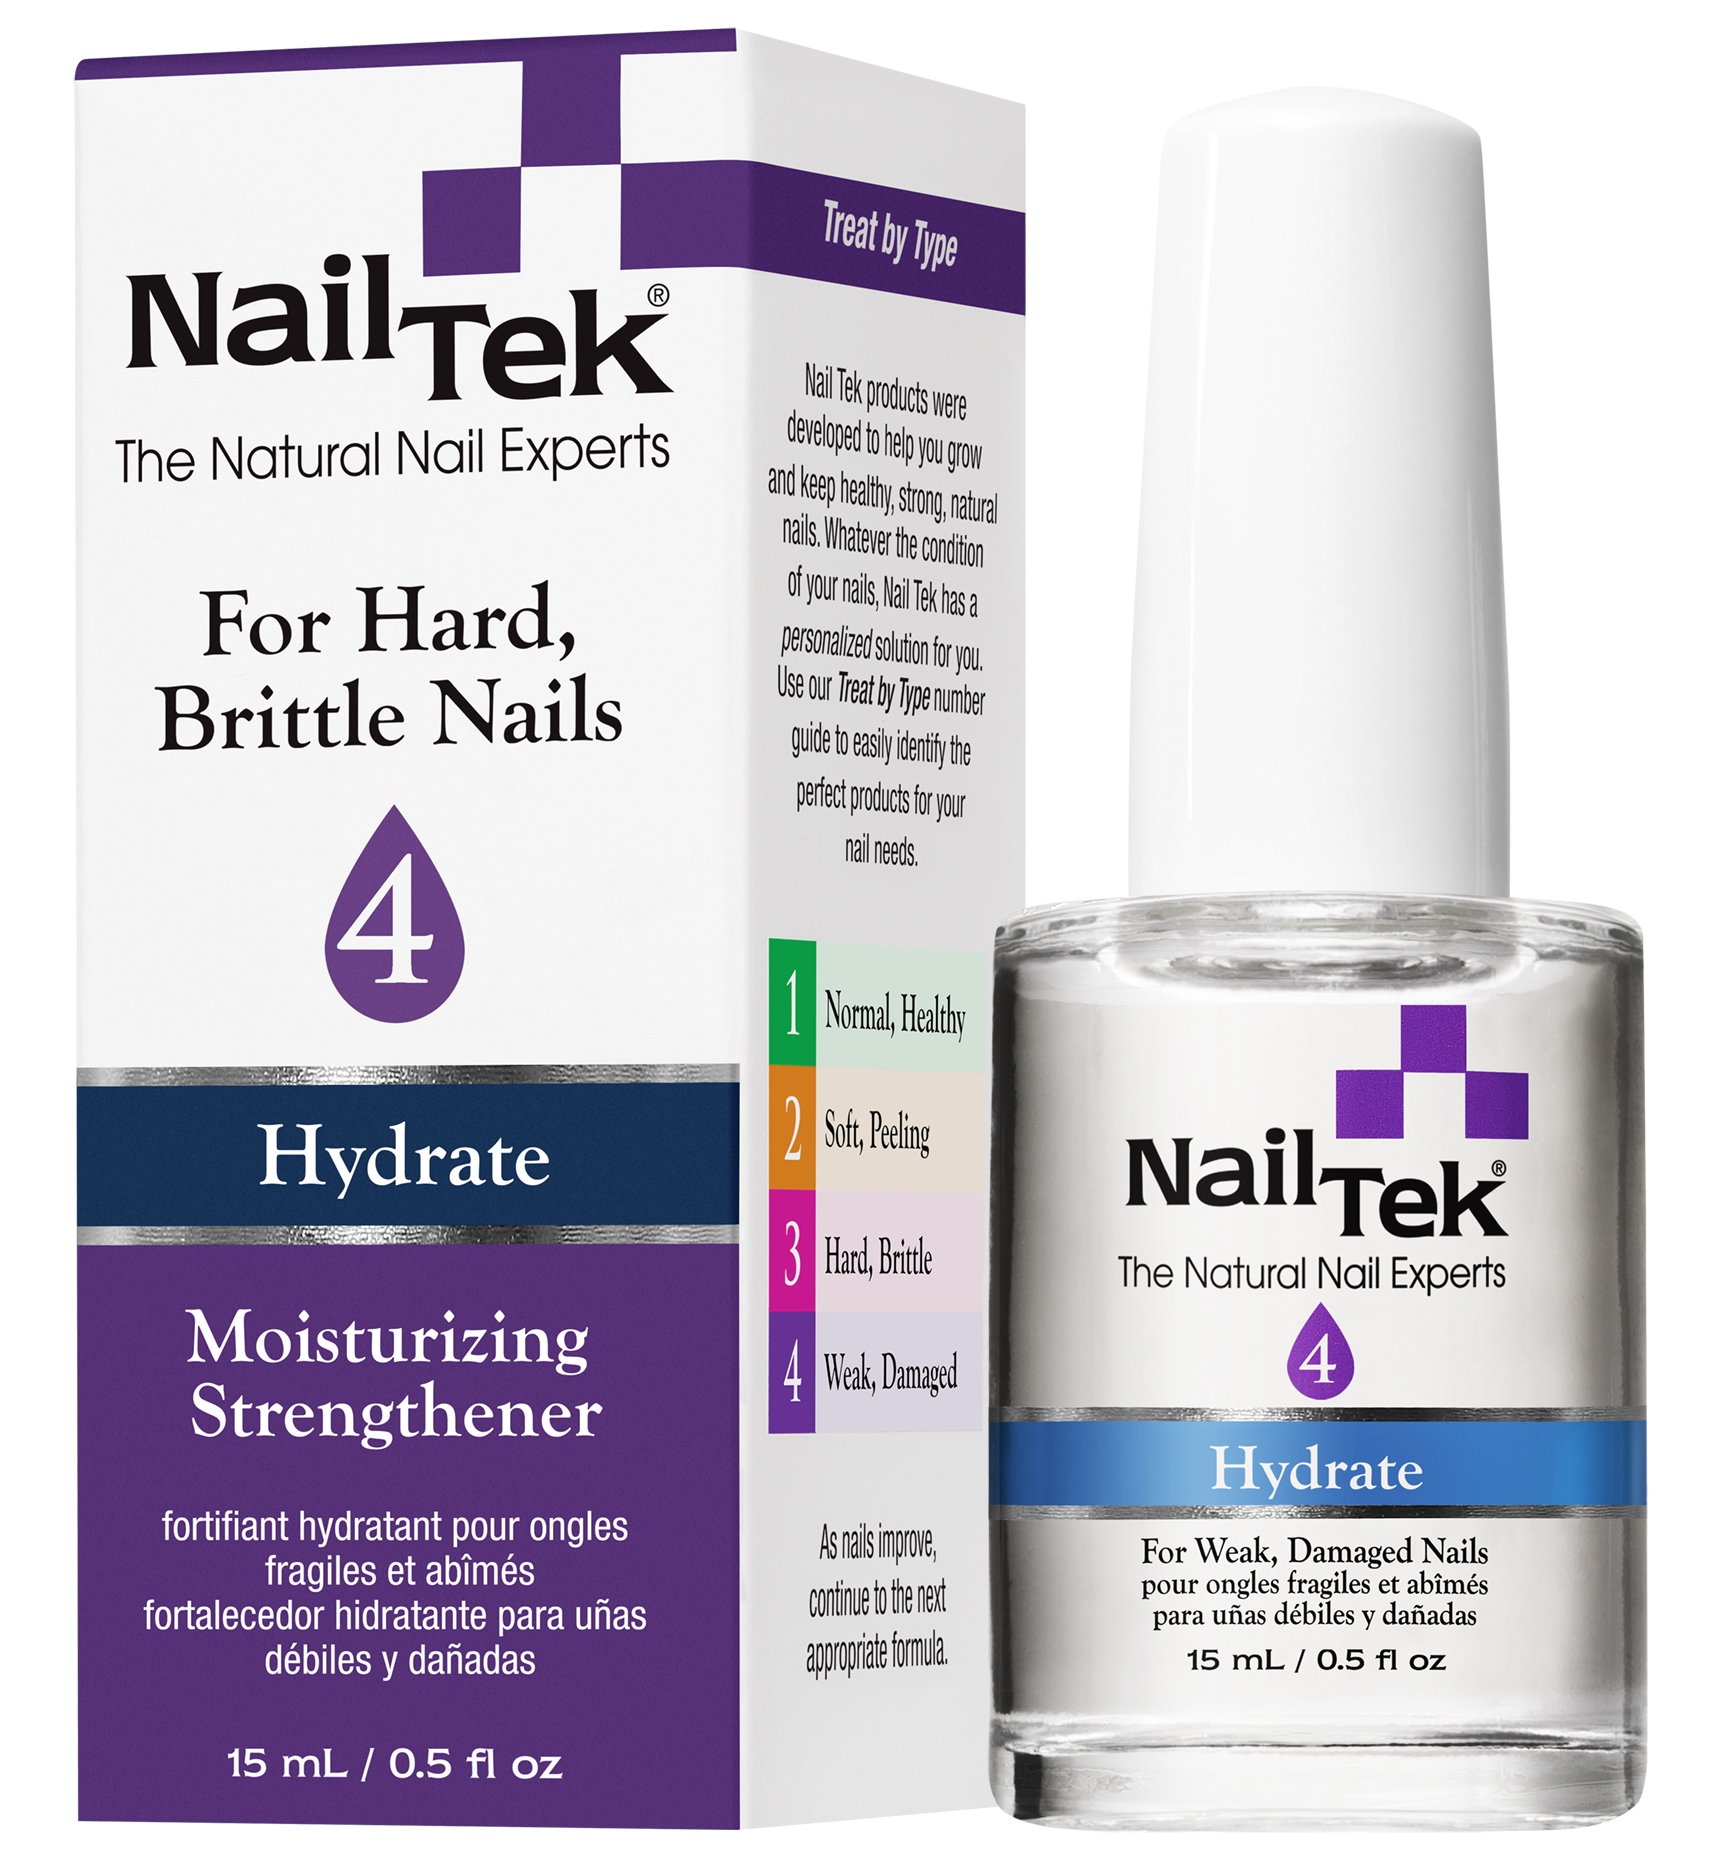 NAIL TEK Сыворотка увлажняющая для восстановления сильно поврежденных ногтей / HYDRATE XTRA 4  15 млОсобые средства<br>Увлажняющая сыворотка для очень сильно поврежденных ногтей 15 мл. Концентрированная лечебная сыворотка с усиленной формулой кальция укрепляет даже самые слабые ногти (деликатное воздействие). Входящий в формулу пентавитин дополнительно увлажняет, придает ногтям силу и упругость. Для ногтей,  не держащих  моделирующие средства.<br><br>Типы ногтей: Поврежденные